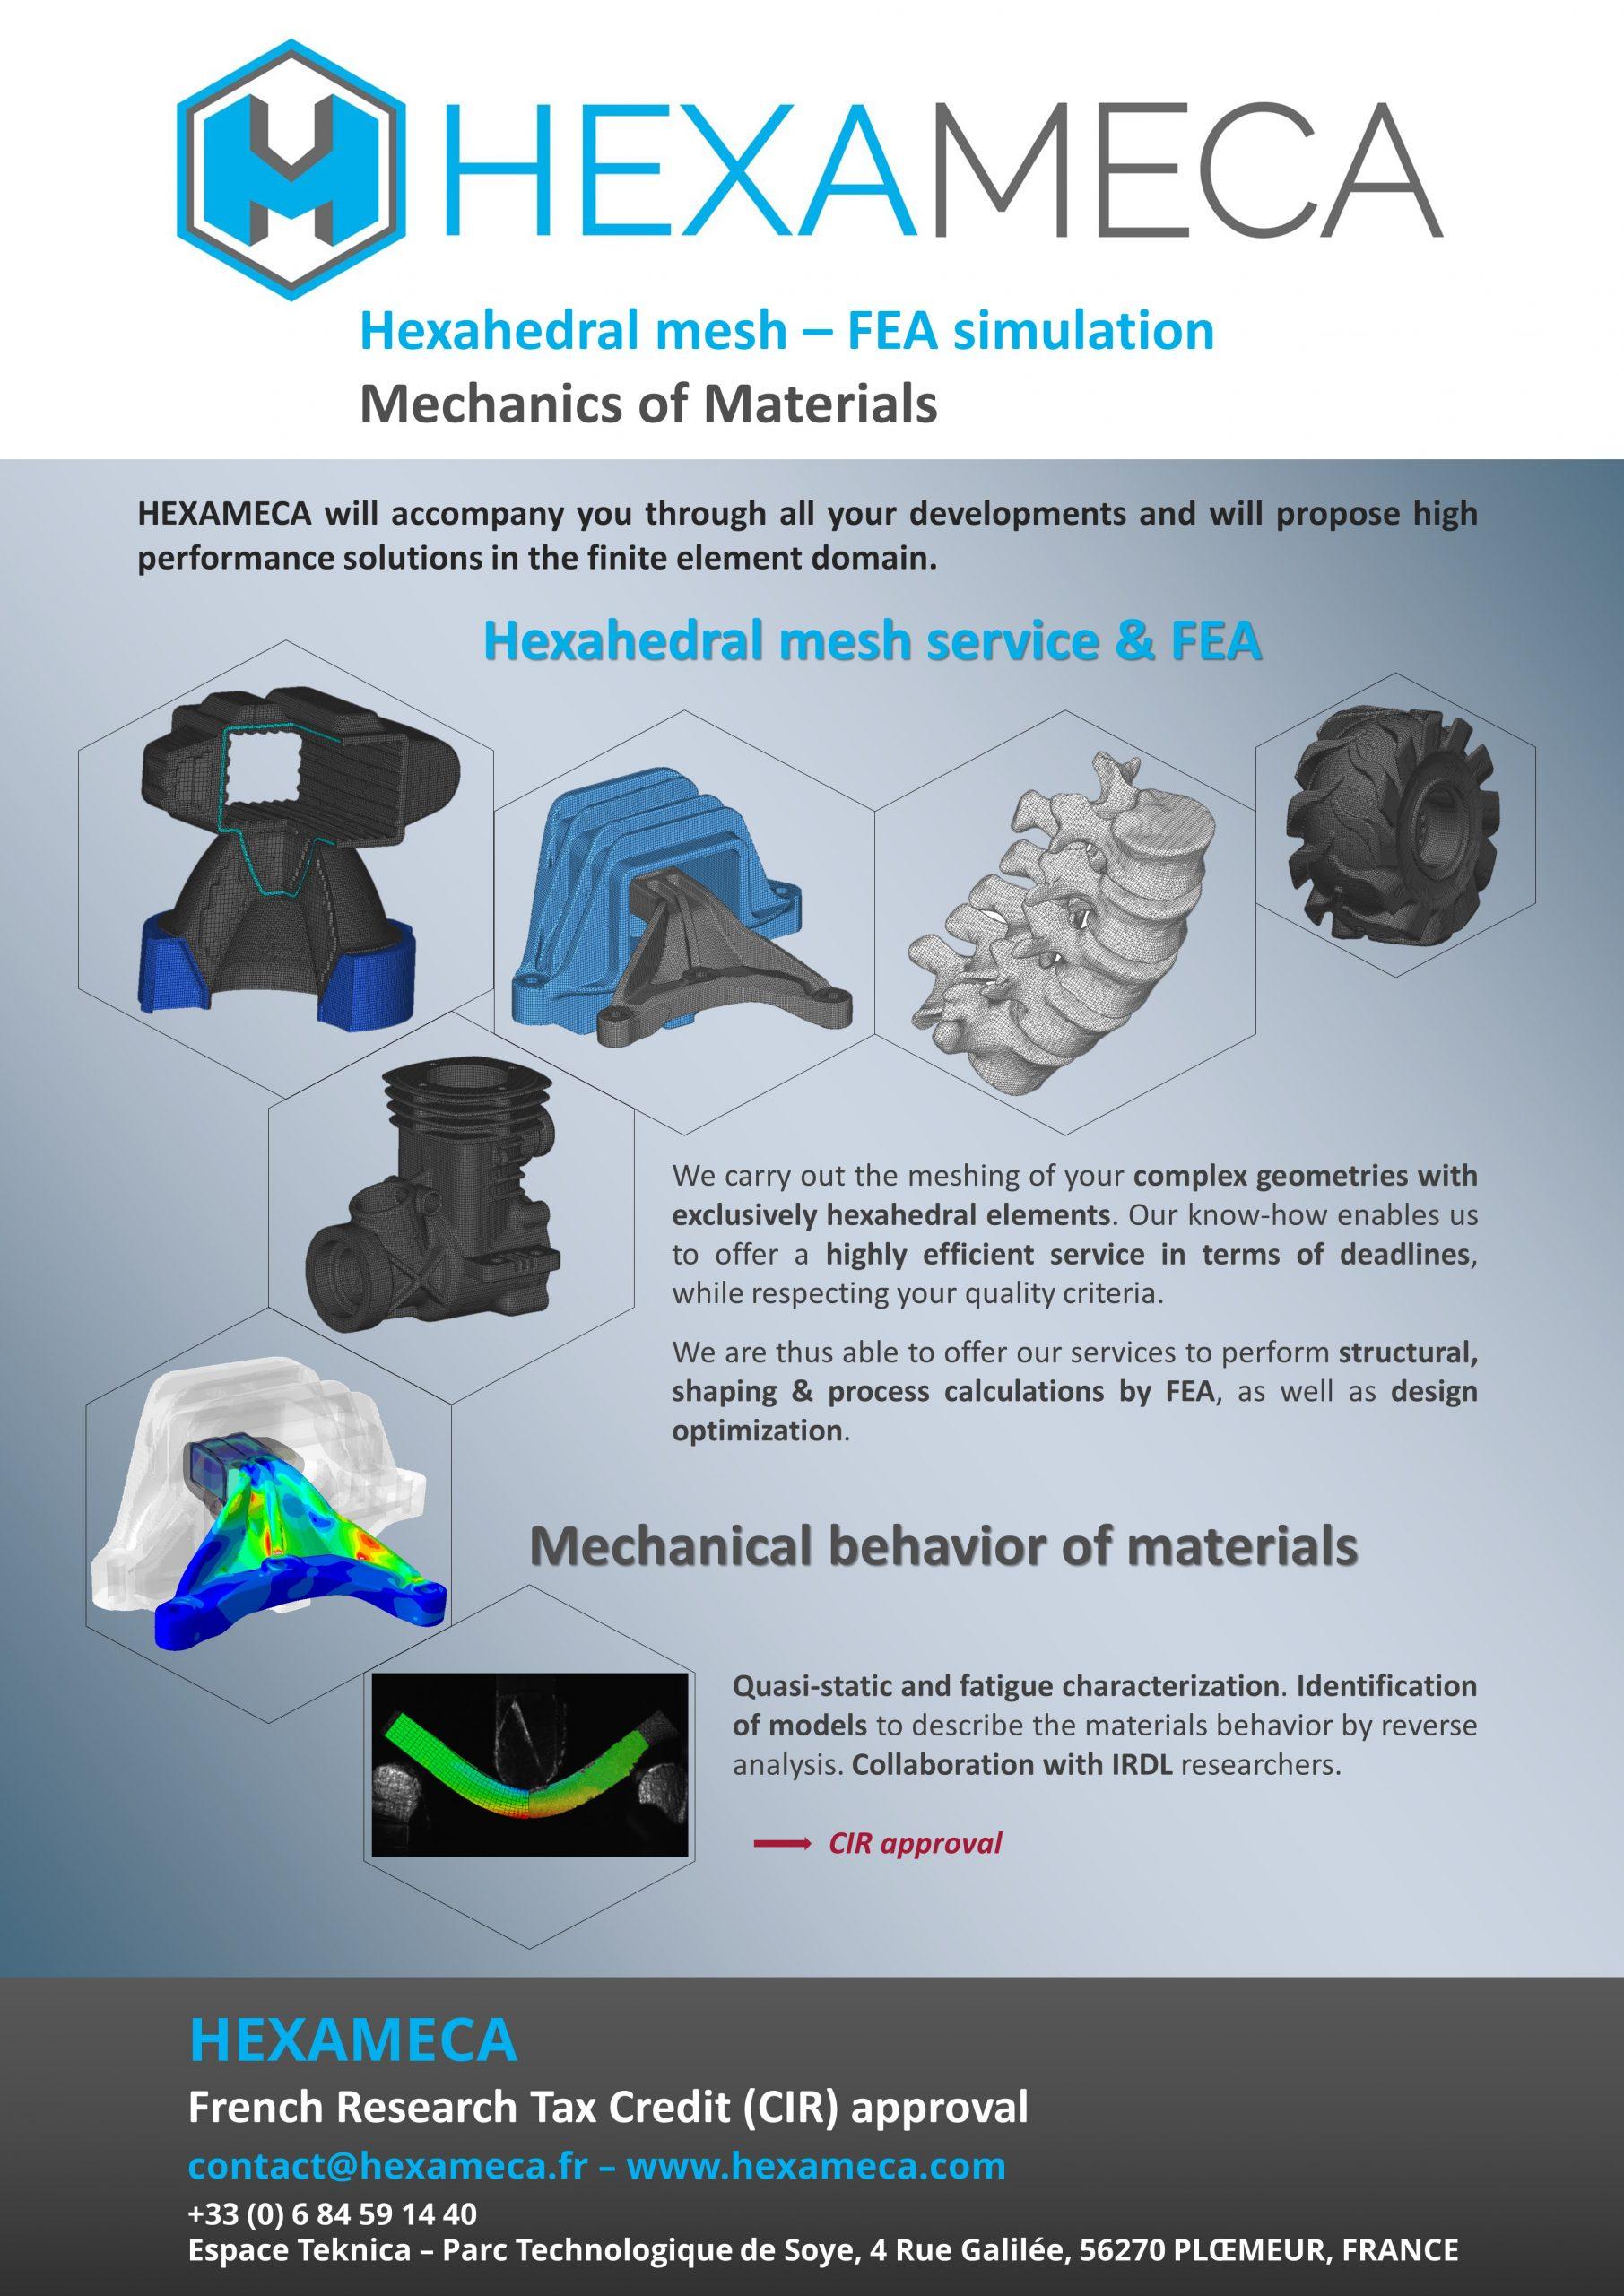 HEXAMECA brochure